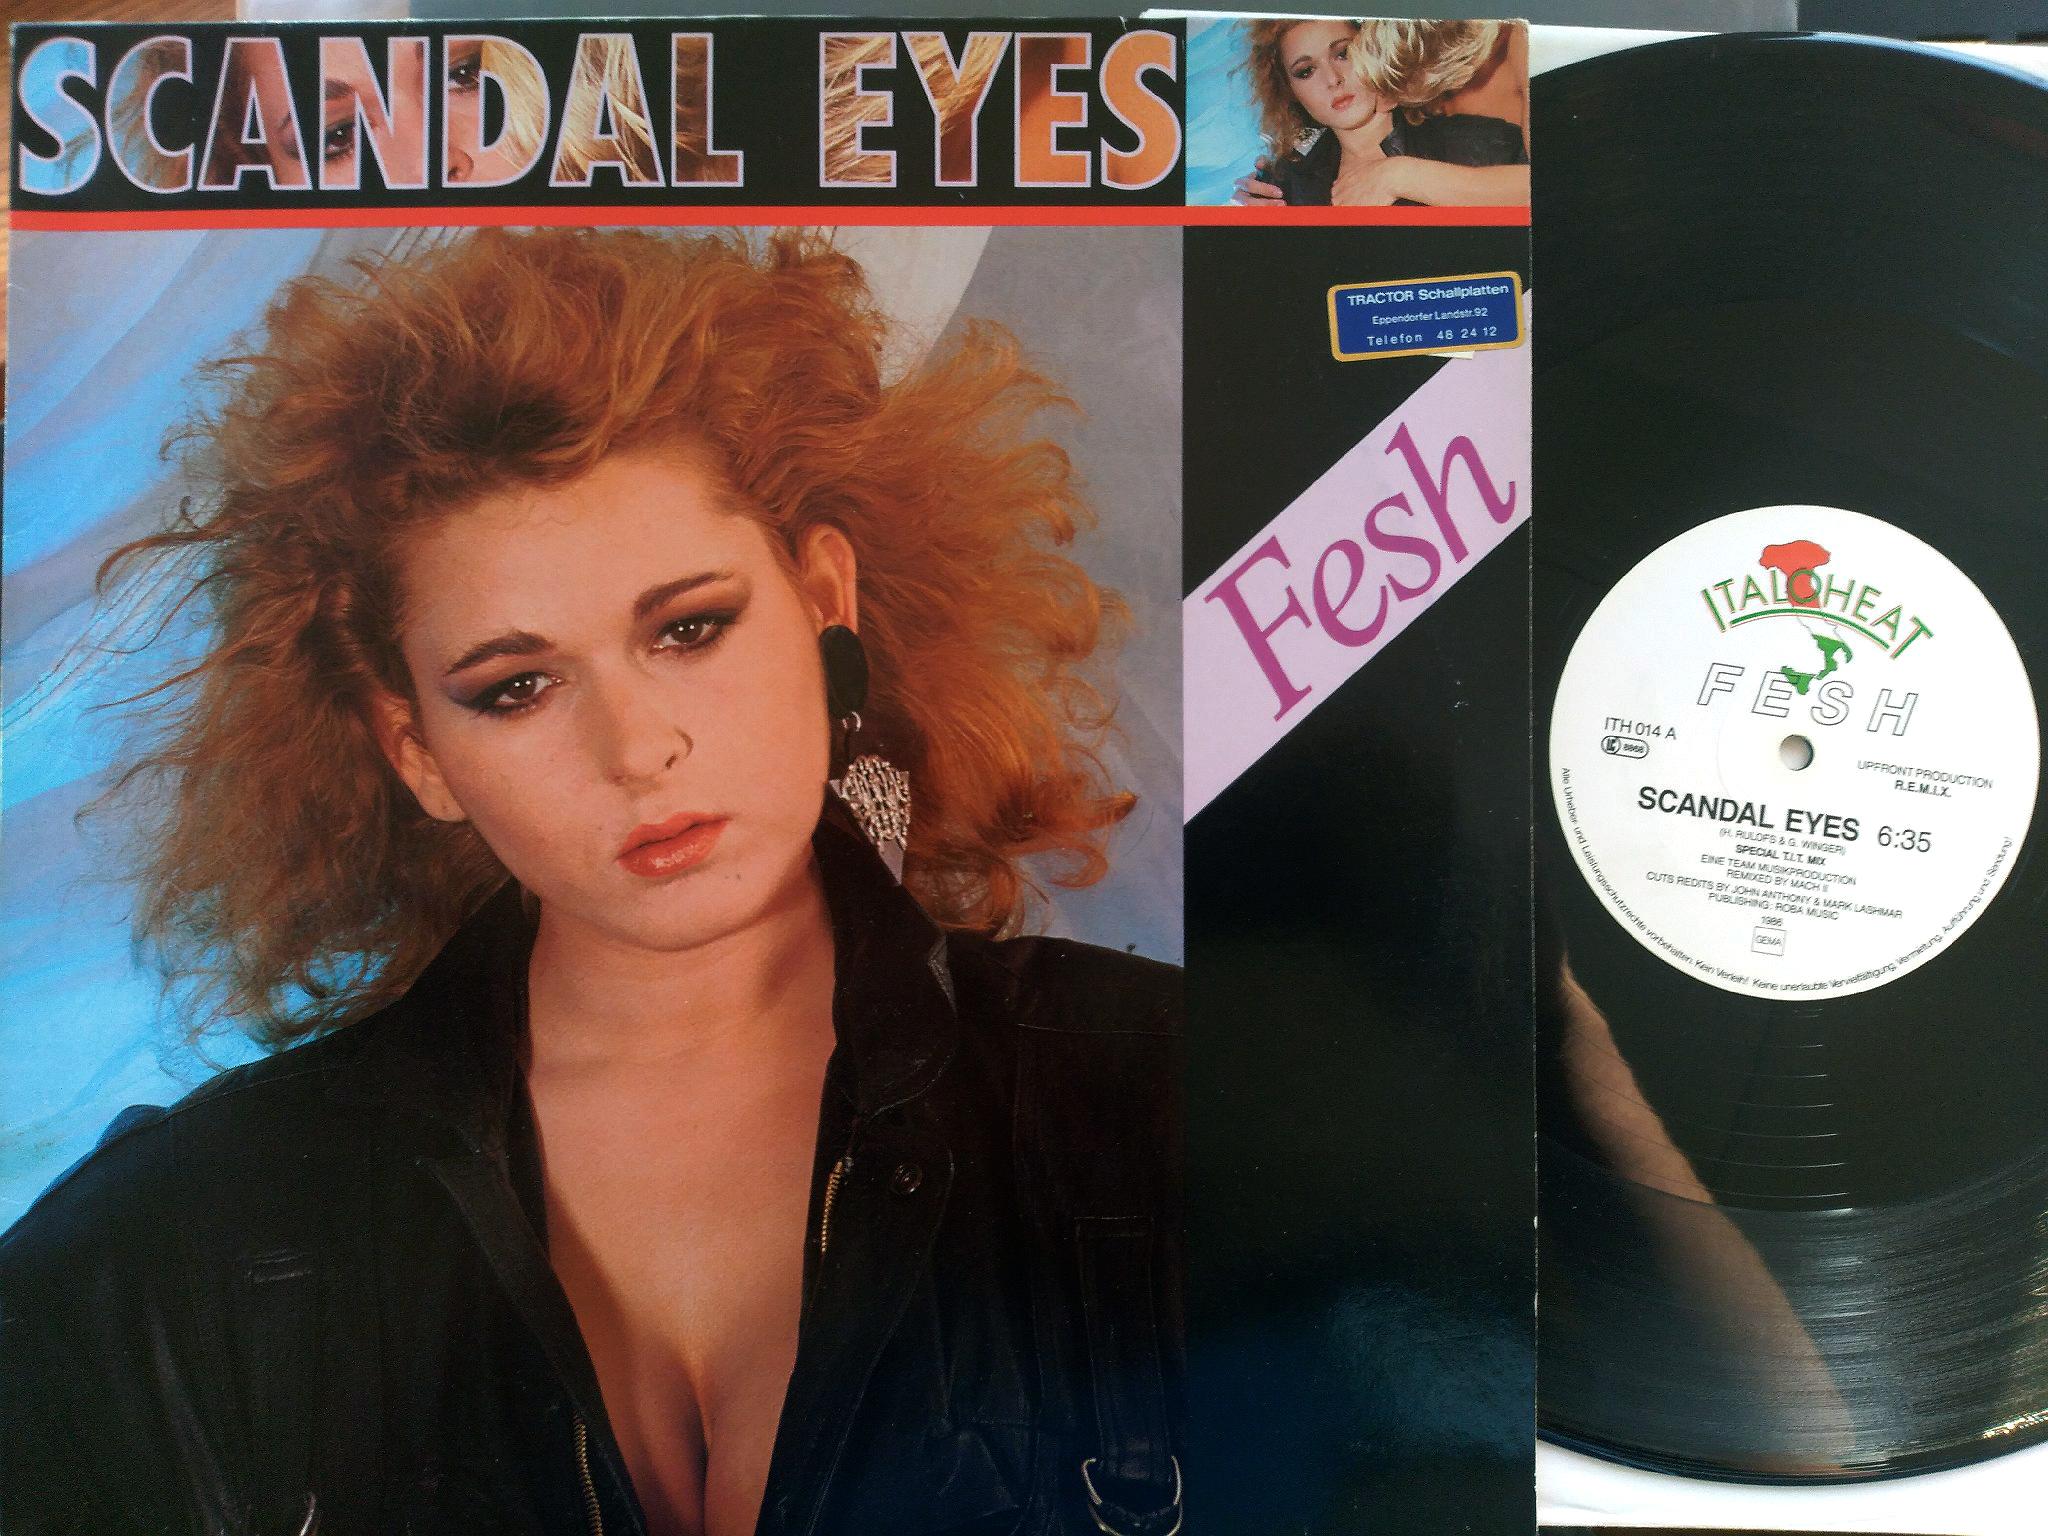 Fesh - Scandal Eyes